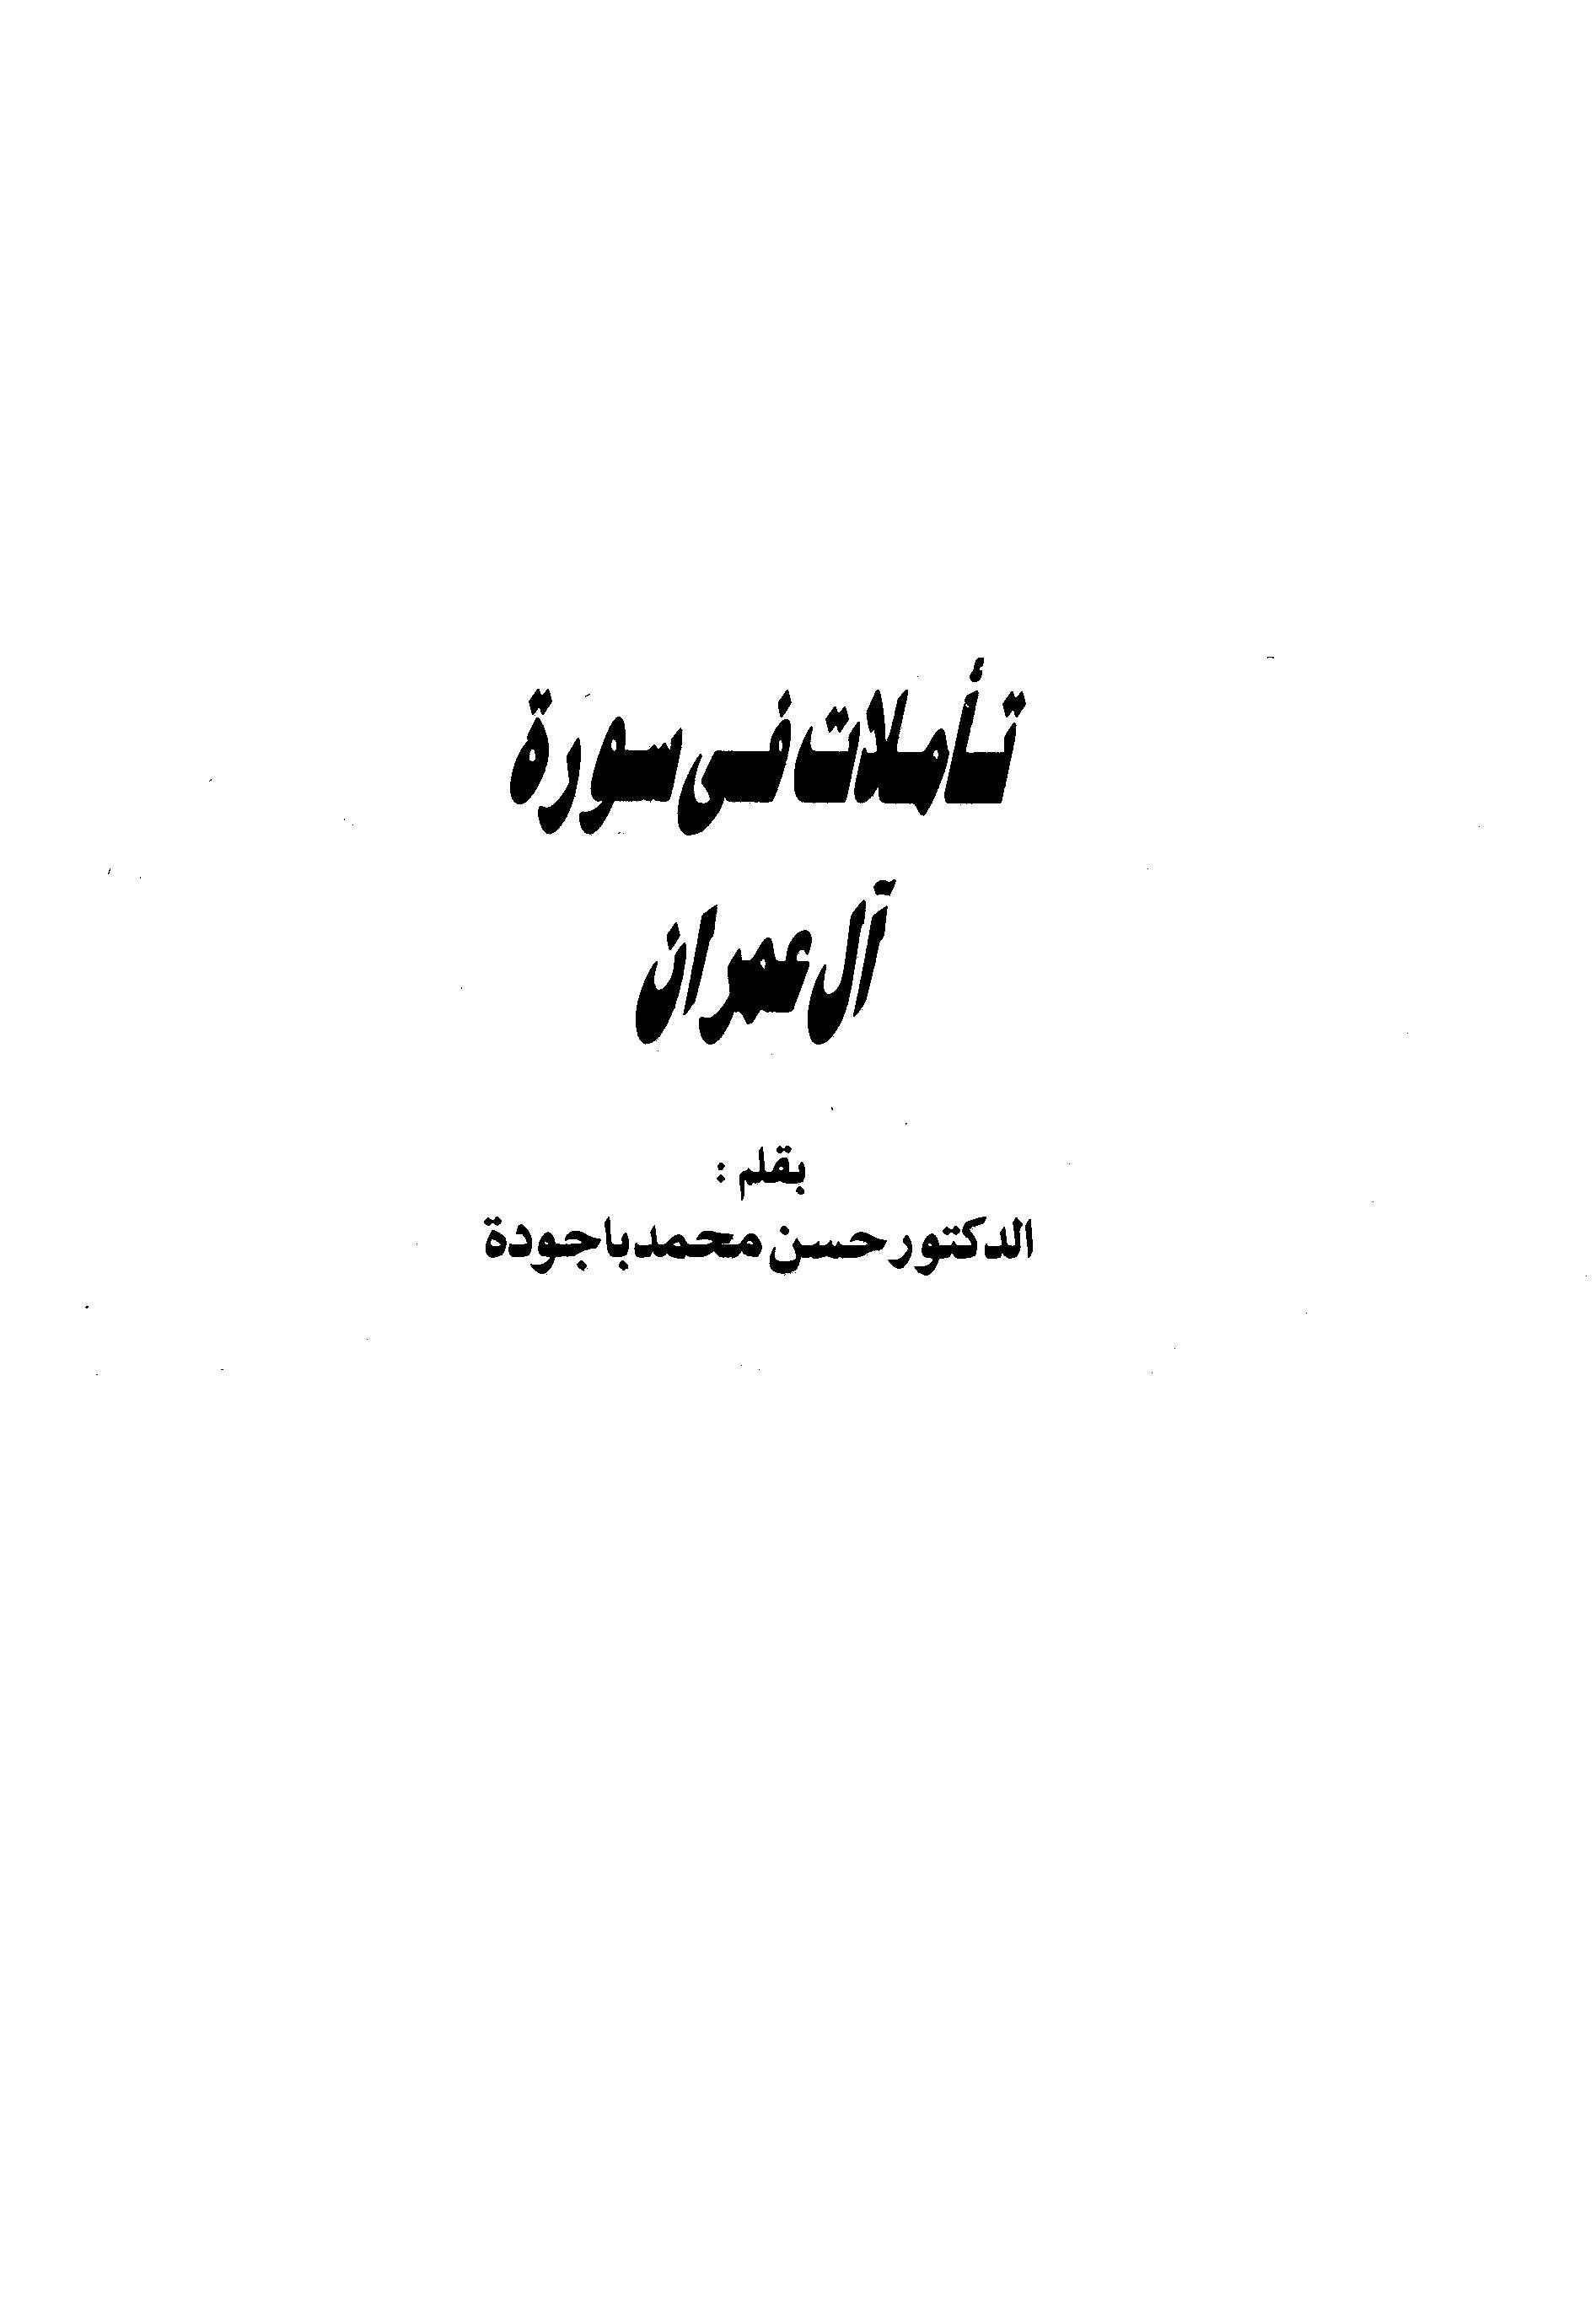 تحميل كتاب تأملات في سورة آل عمران لـِ: الدكتور حسن محمد أحمد باجودة